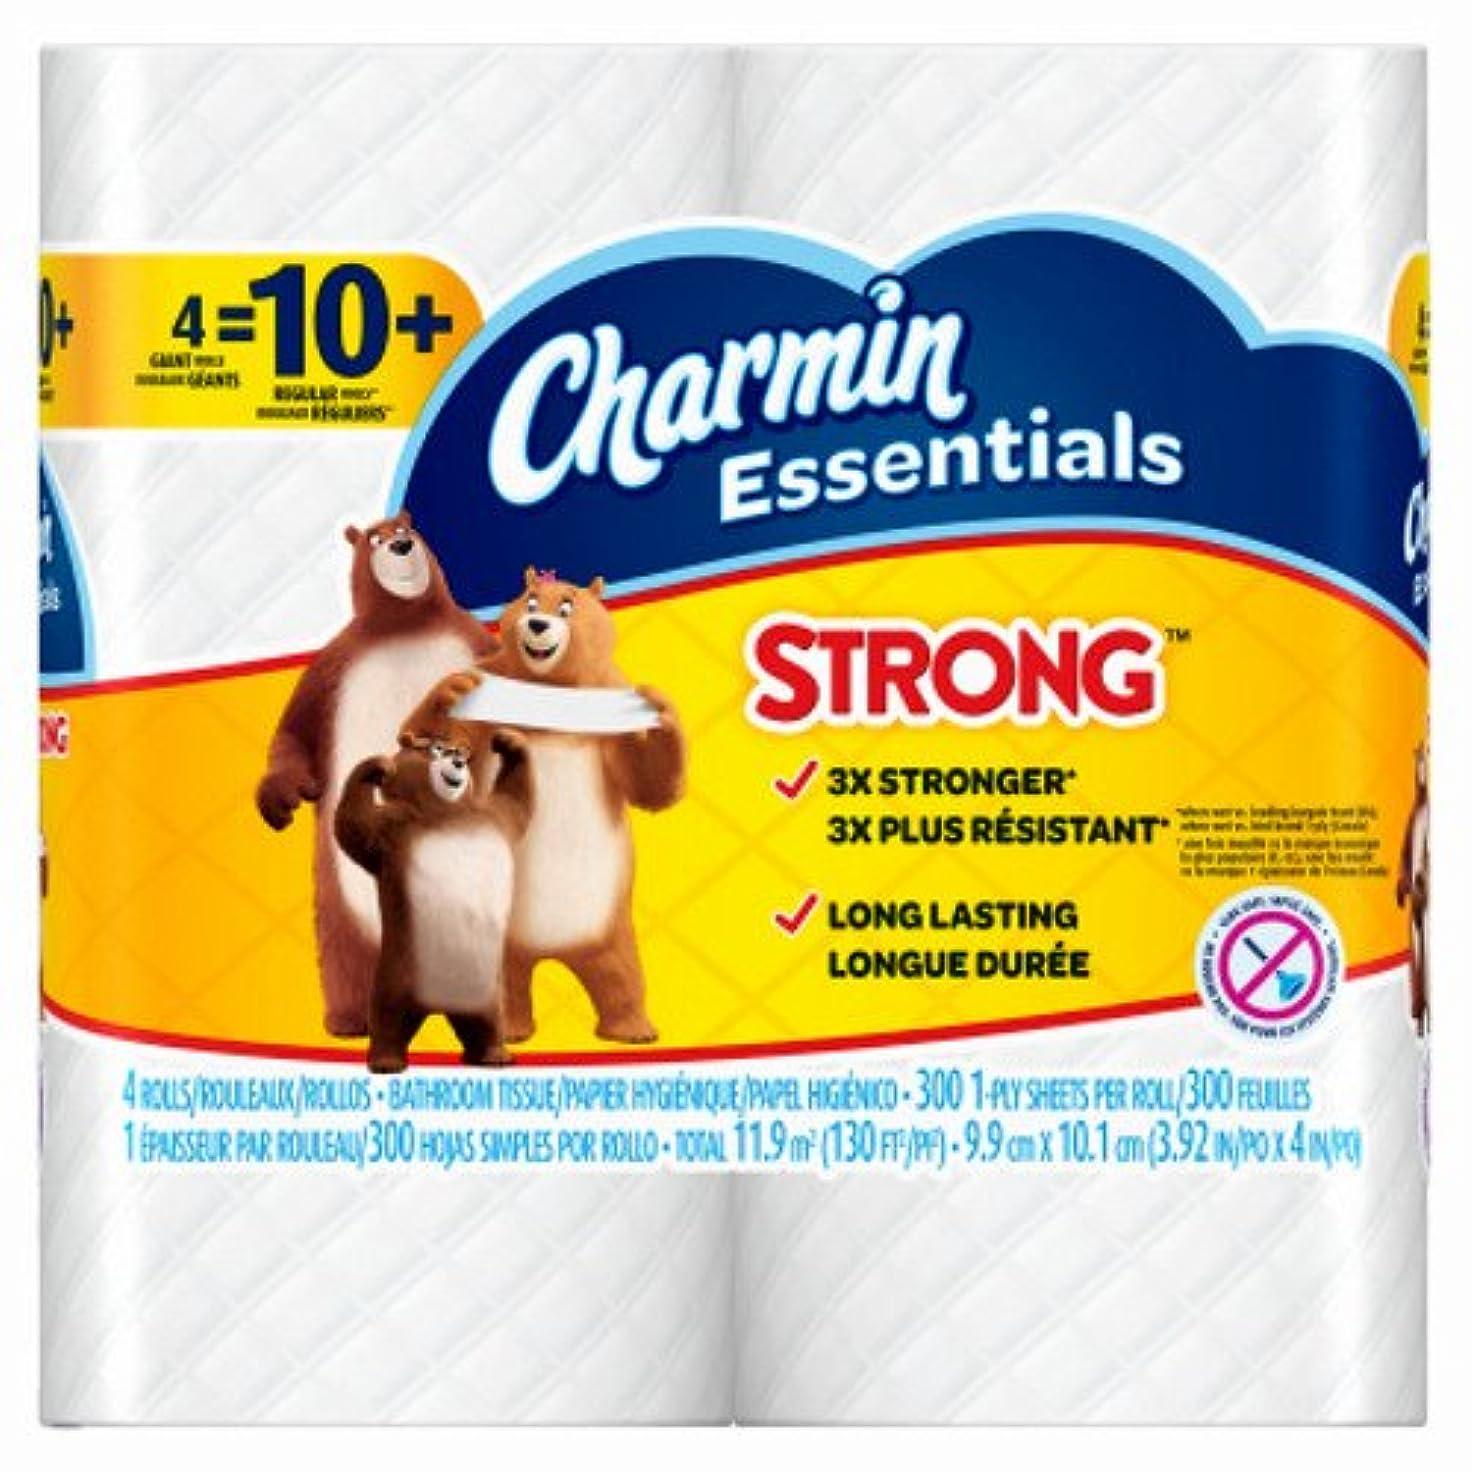 巨人本土行方不明P & G 96891 4 GiantロールCharmin Essentials Strong Bath Tissue